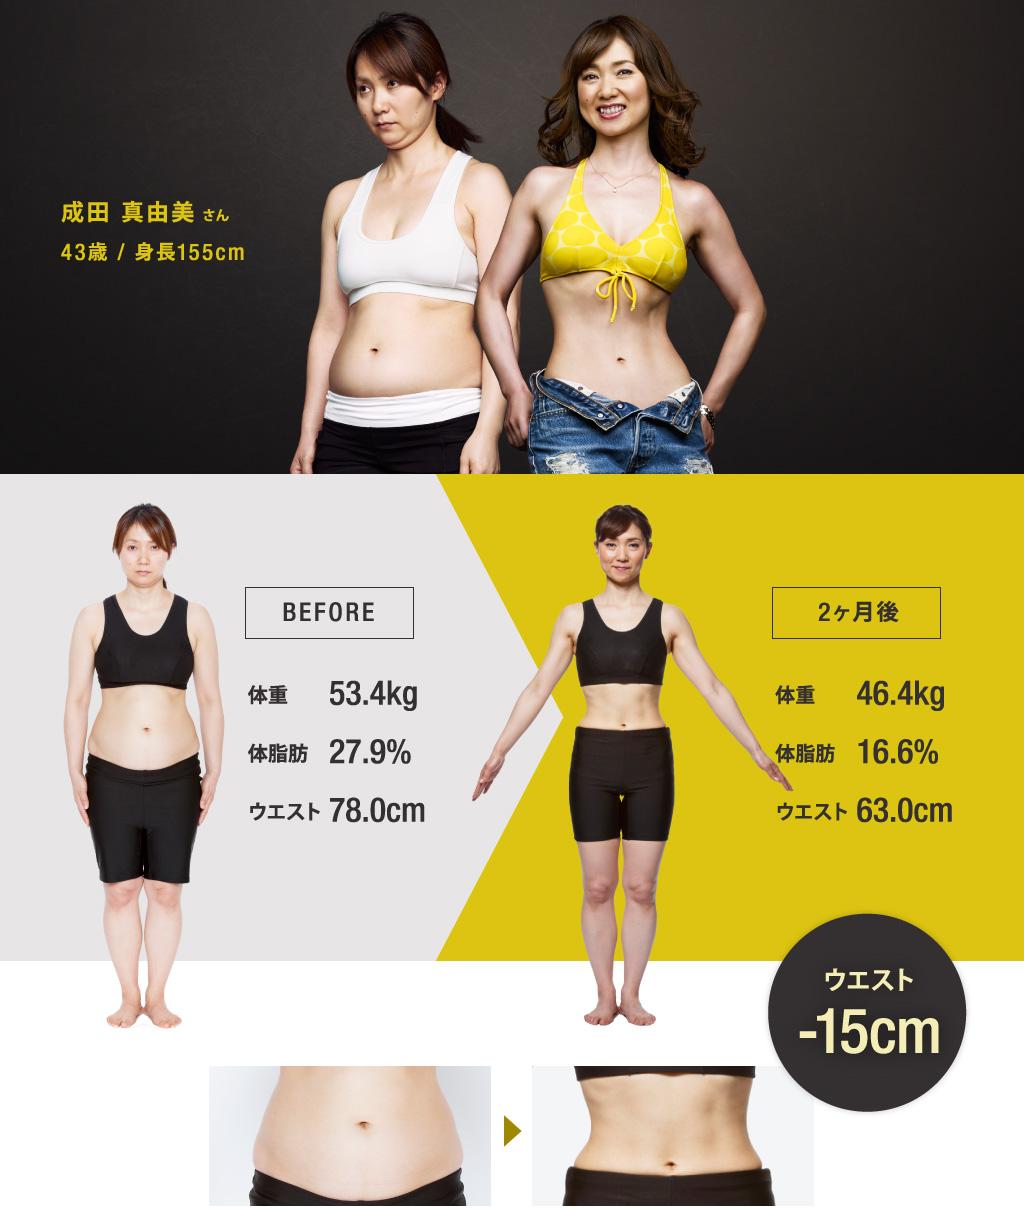 成田真由美さん・43歳・155cm